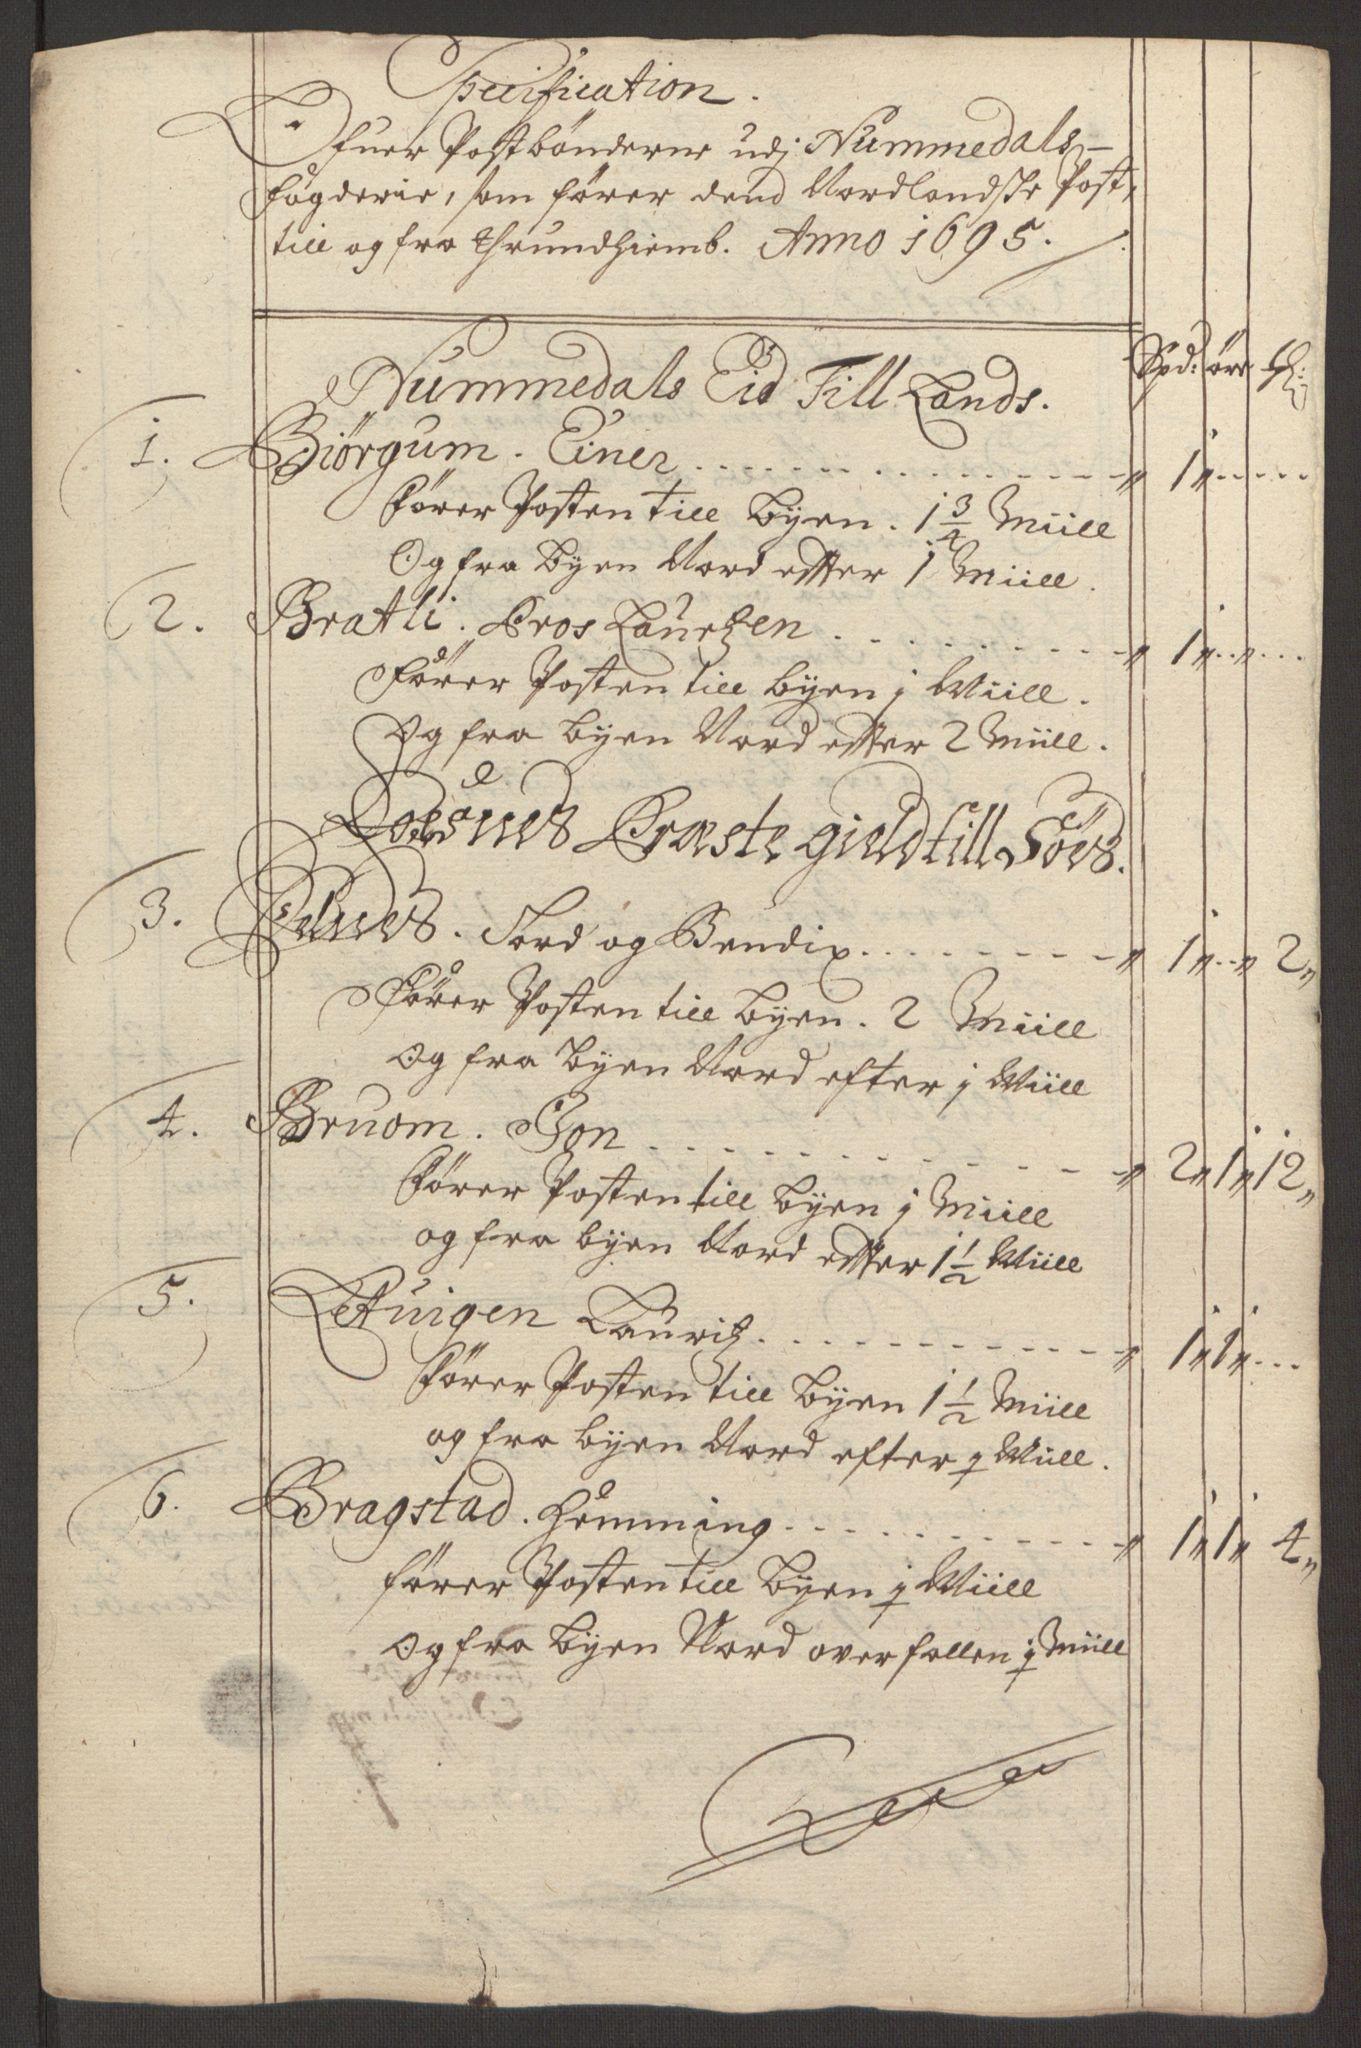 RA, Rentekammeret inntil 1814, Reviderte regnskaper, Fogderegnskap, R64/L4424: Fogderegnskap Namdal, 1692-1695, s. 517